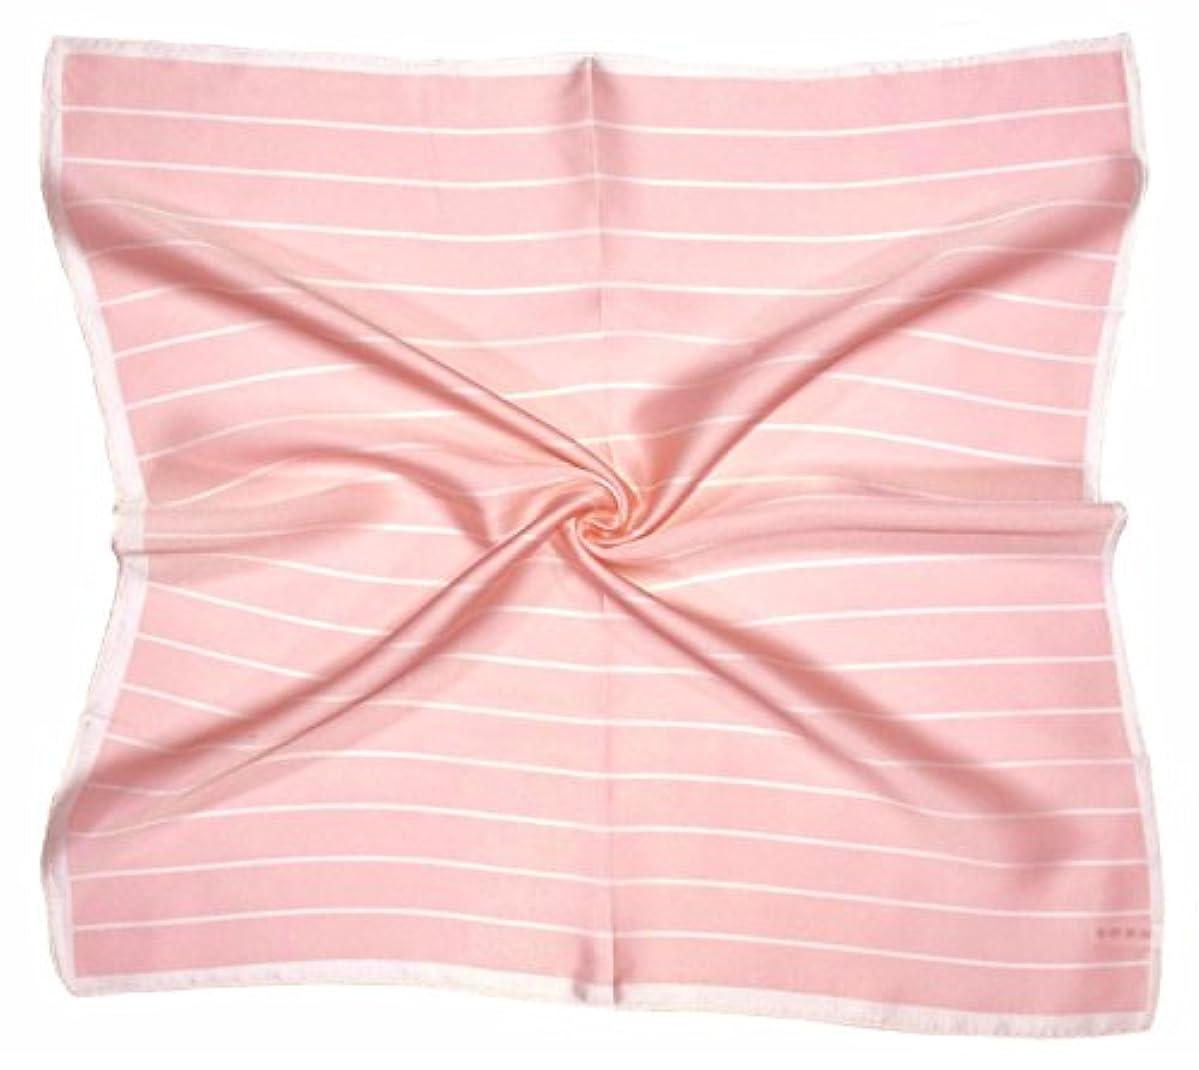 隔離着替えるダニピンクの白いプリントされた厚い小さいシルクのスクエアスカーフ。